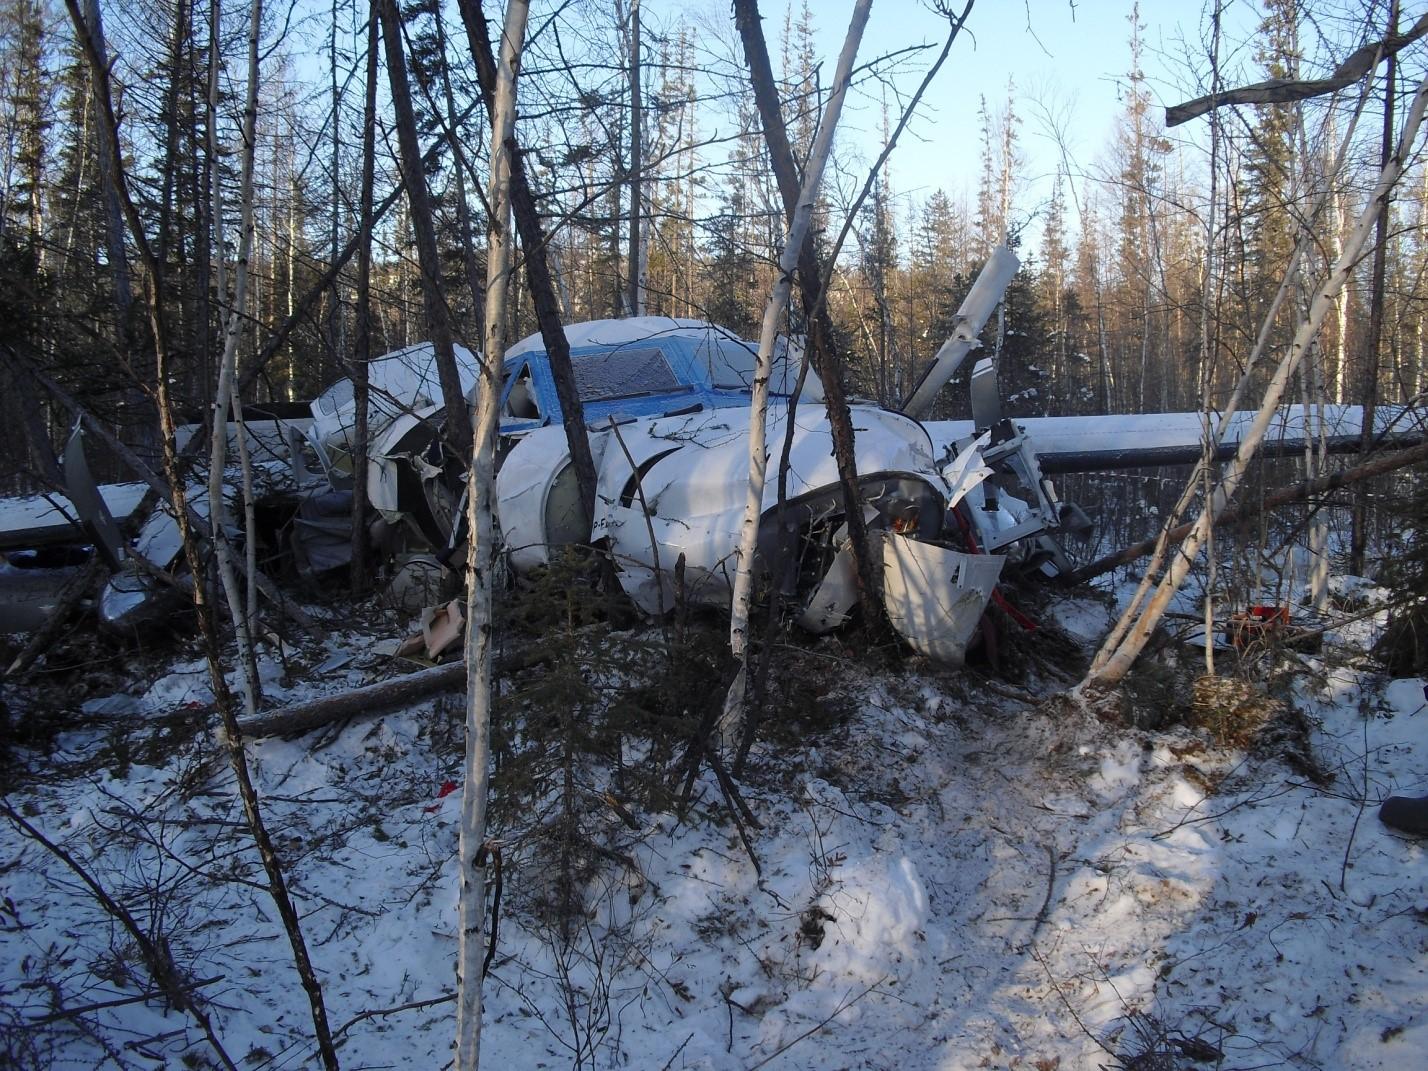 Čeští vyšetřovatelé rozporují závěry zprávy o nehodě L-410 u letiště Nelkan